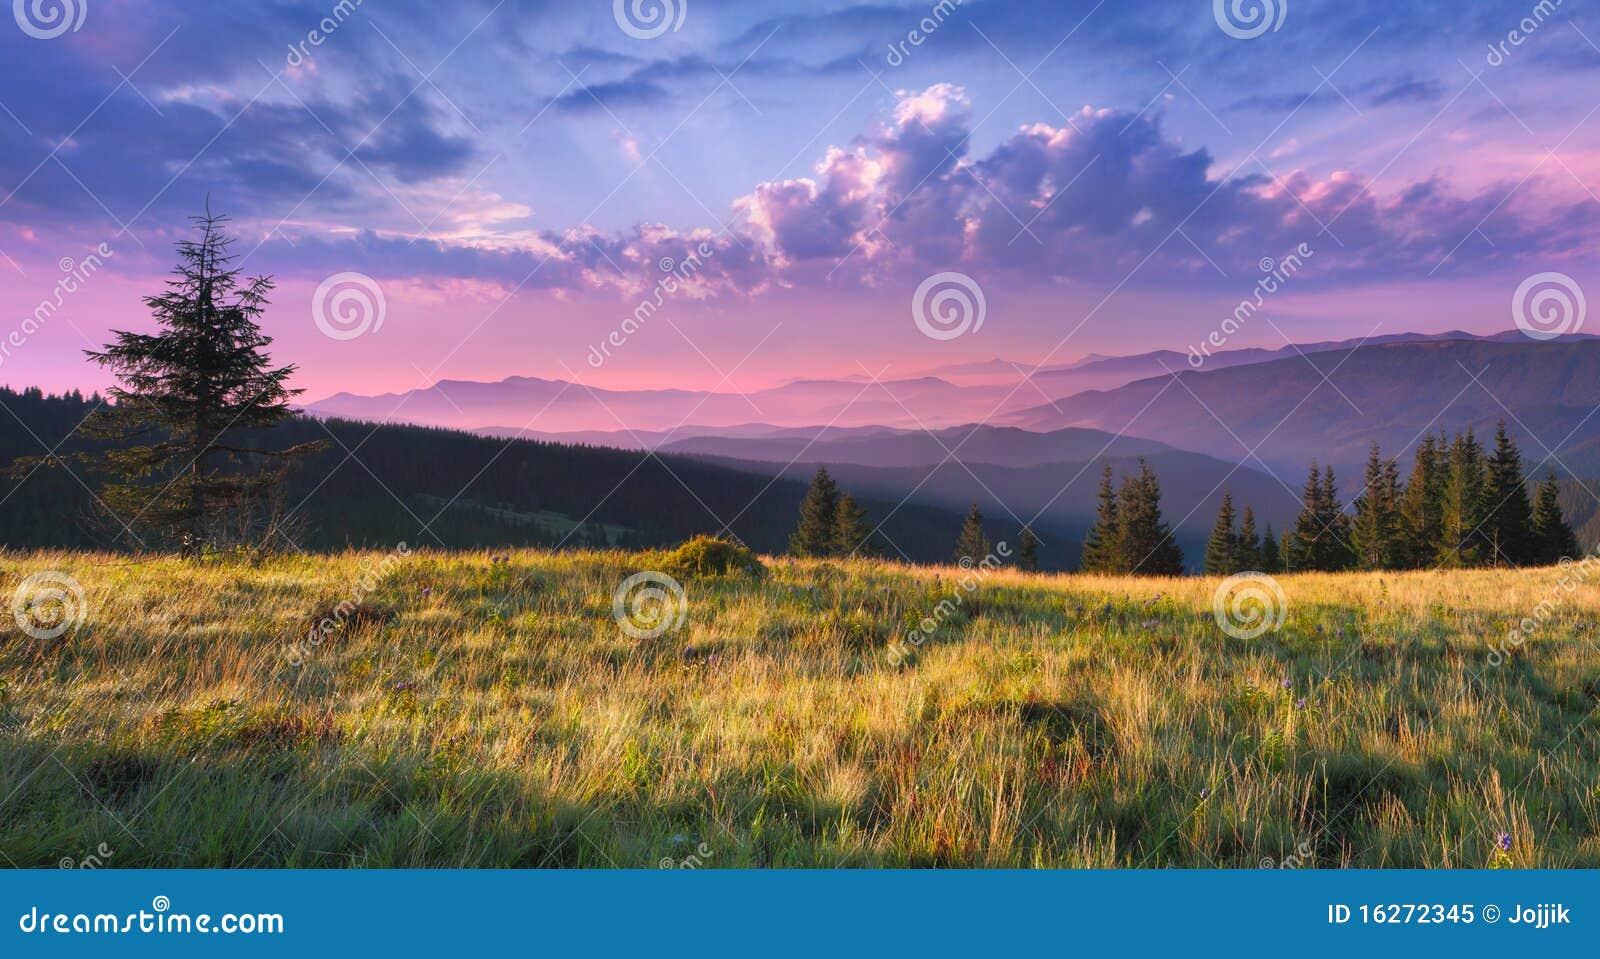 Beautiful Morning Landscape Royalty Free Stock Photo  Image: 16272345